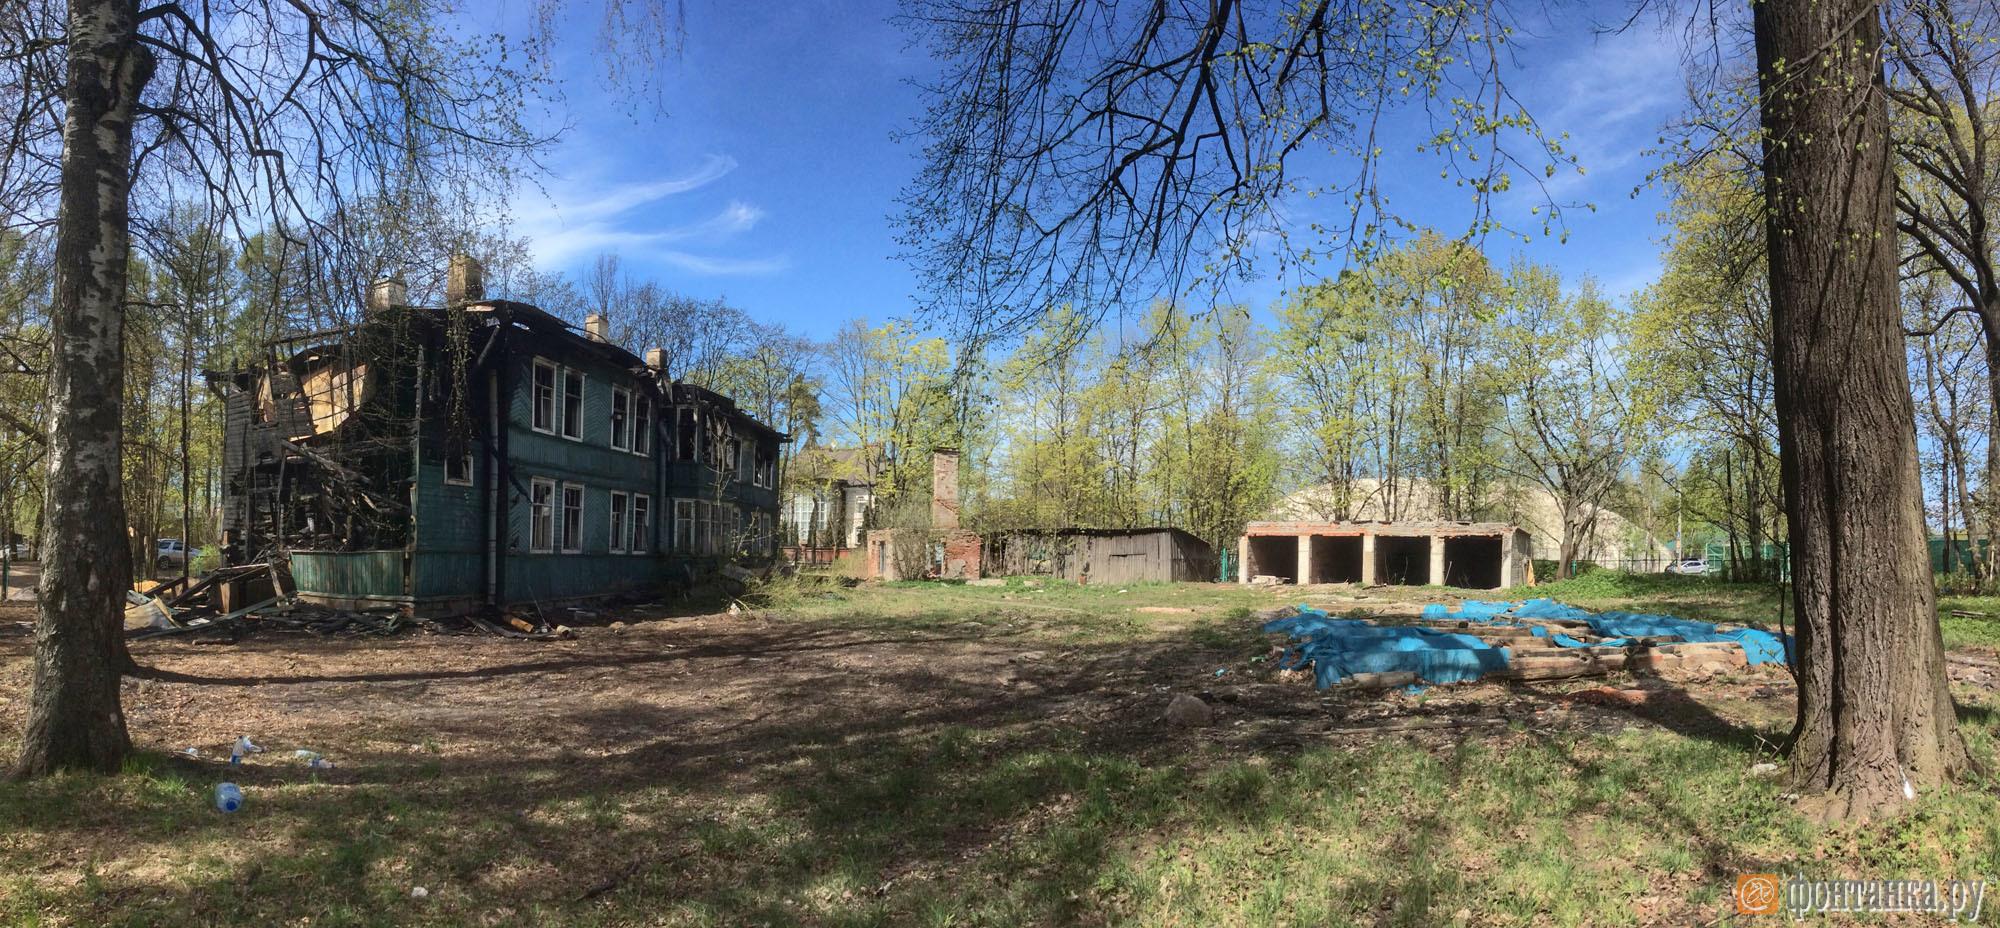 Слева горевшее 21 мая 2017 года здание, справа — территория снесенного памятника<br>